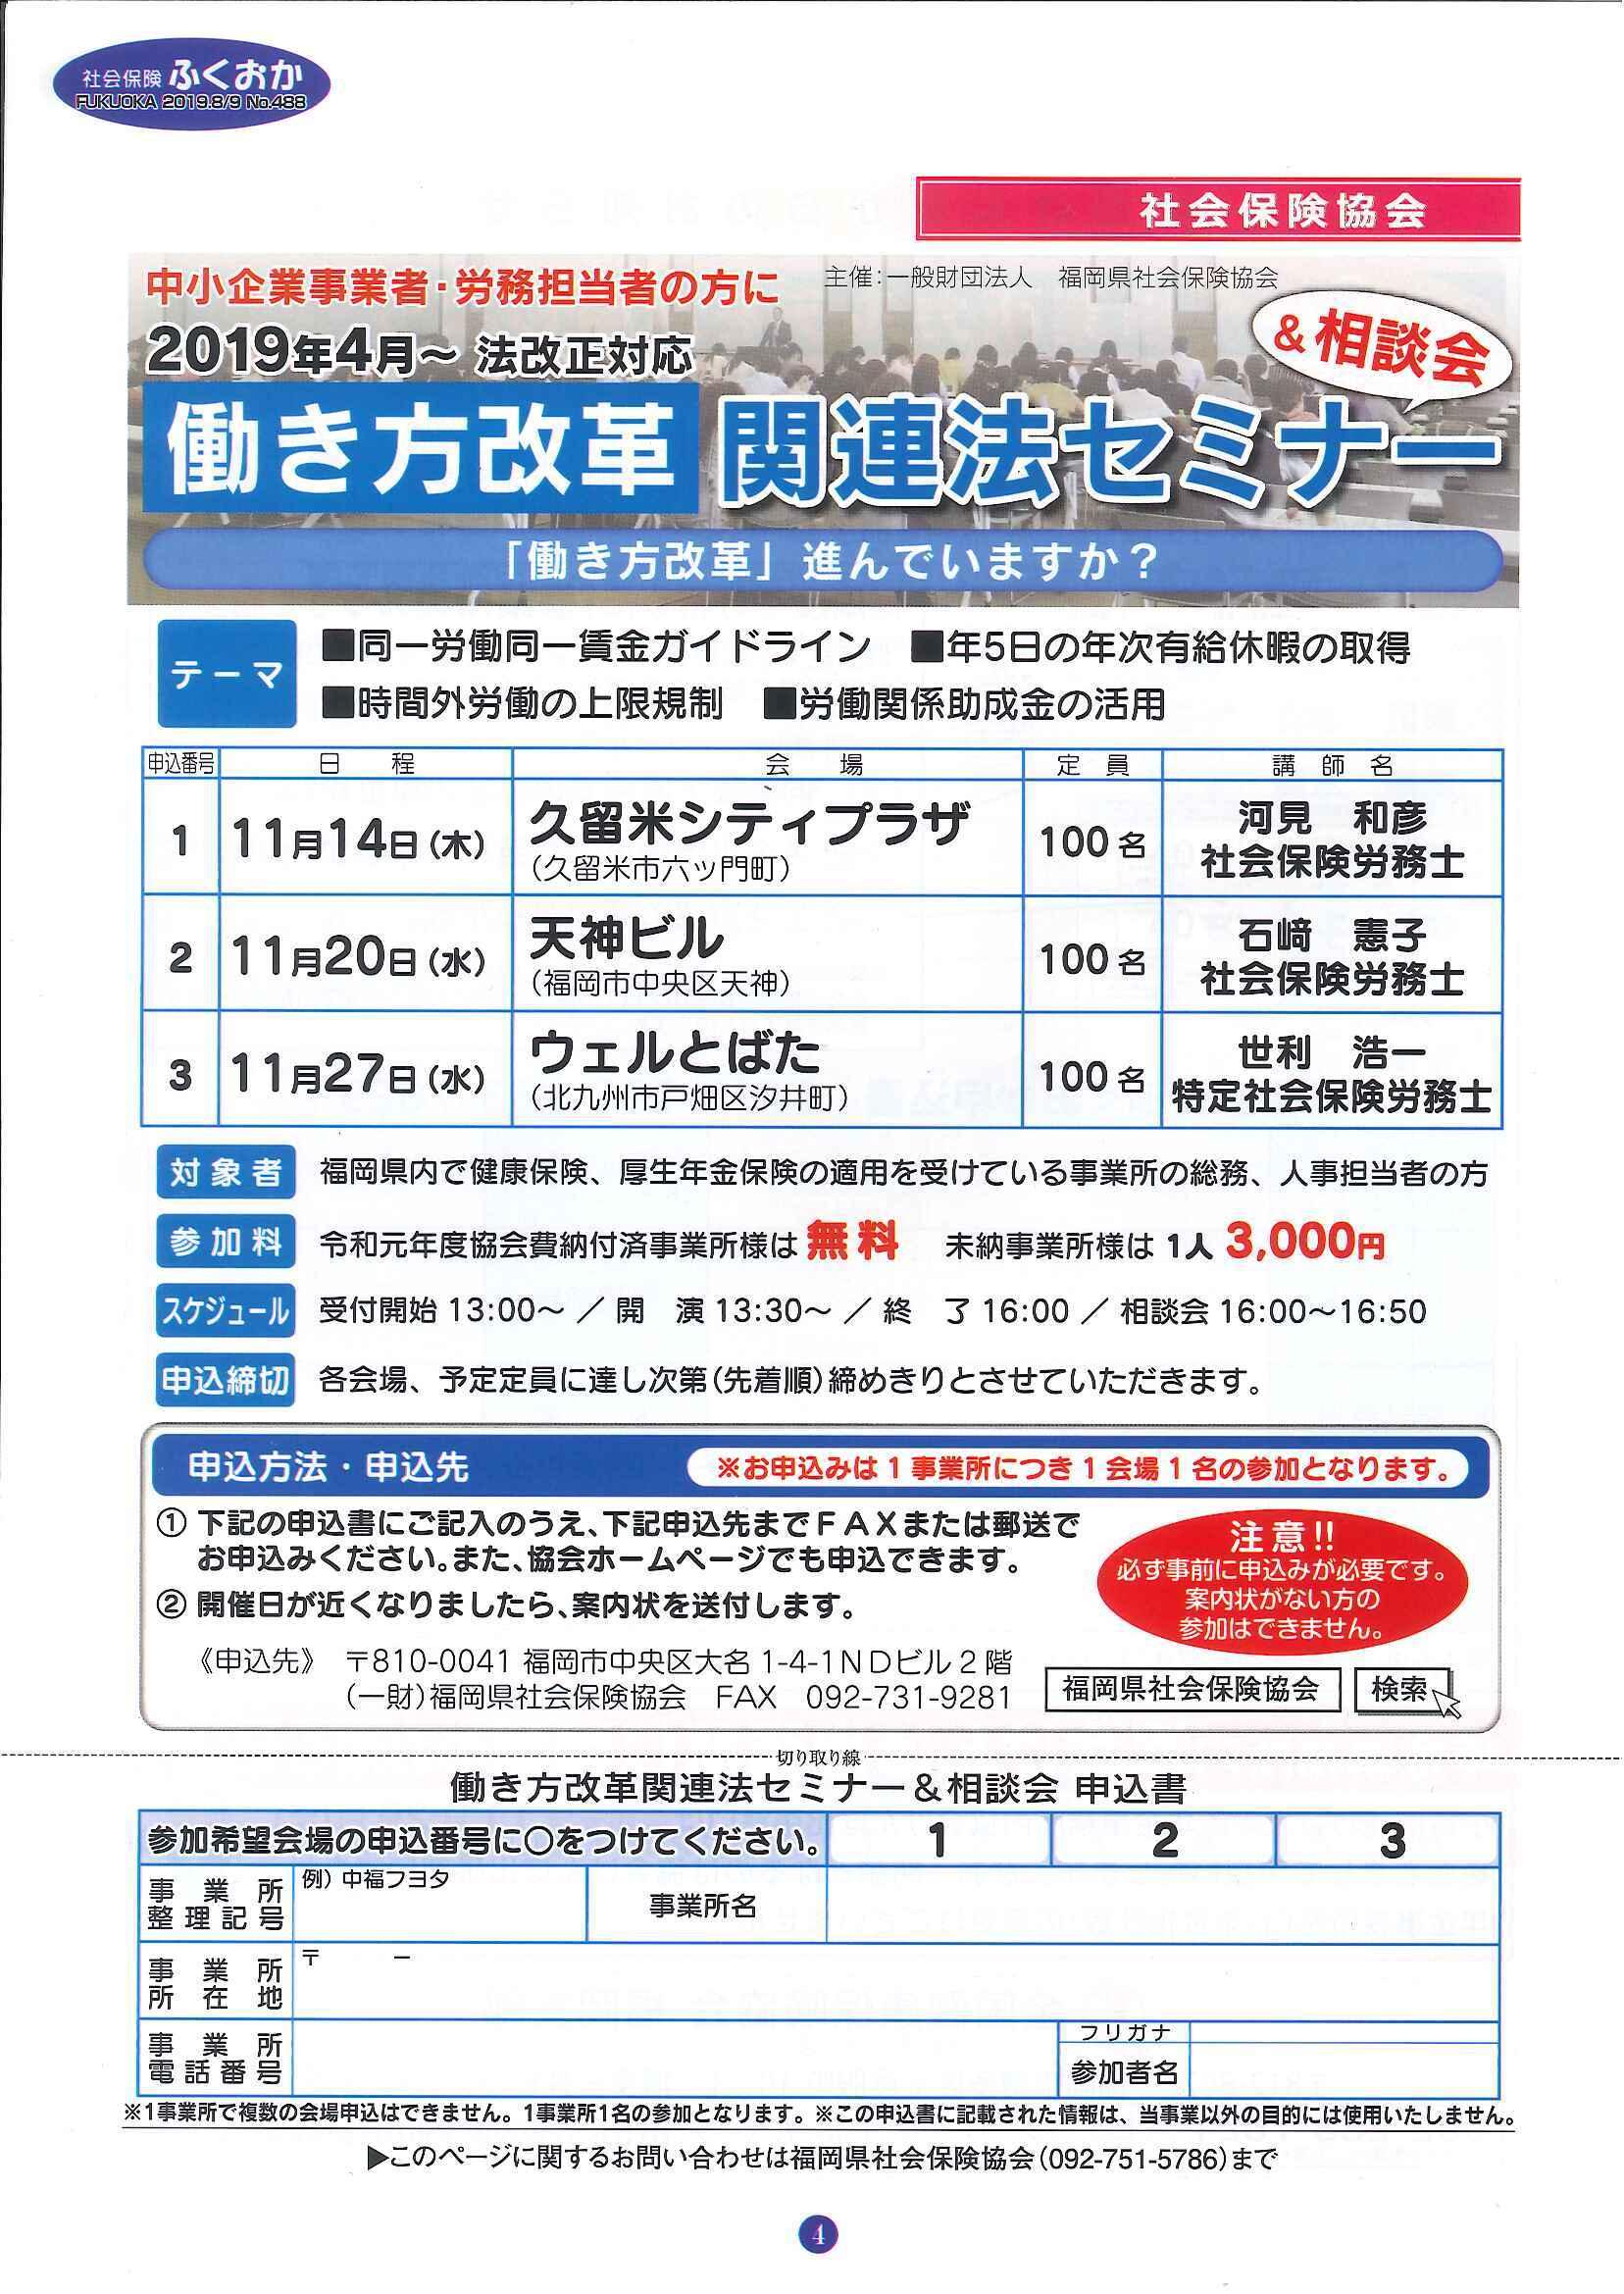 社会保険 ふくおか 2019年8・9月号_f0120774_15455683.jpg